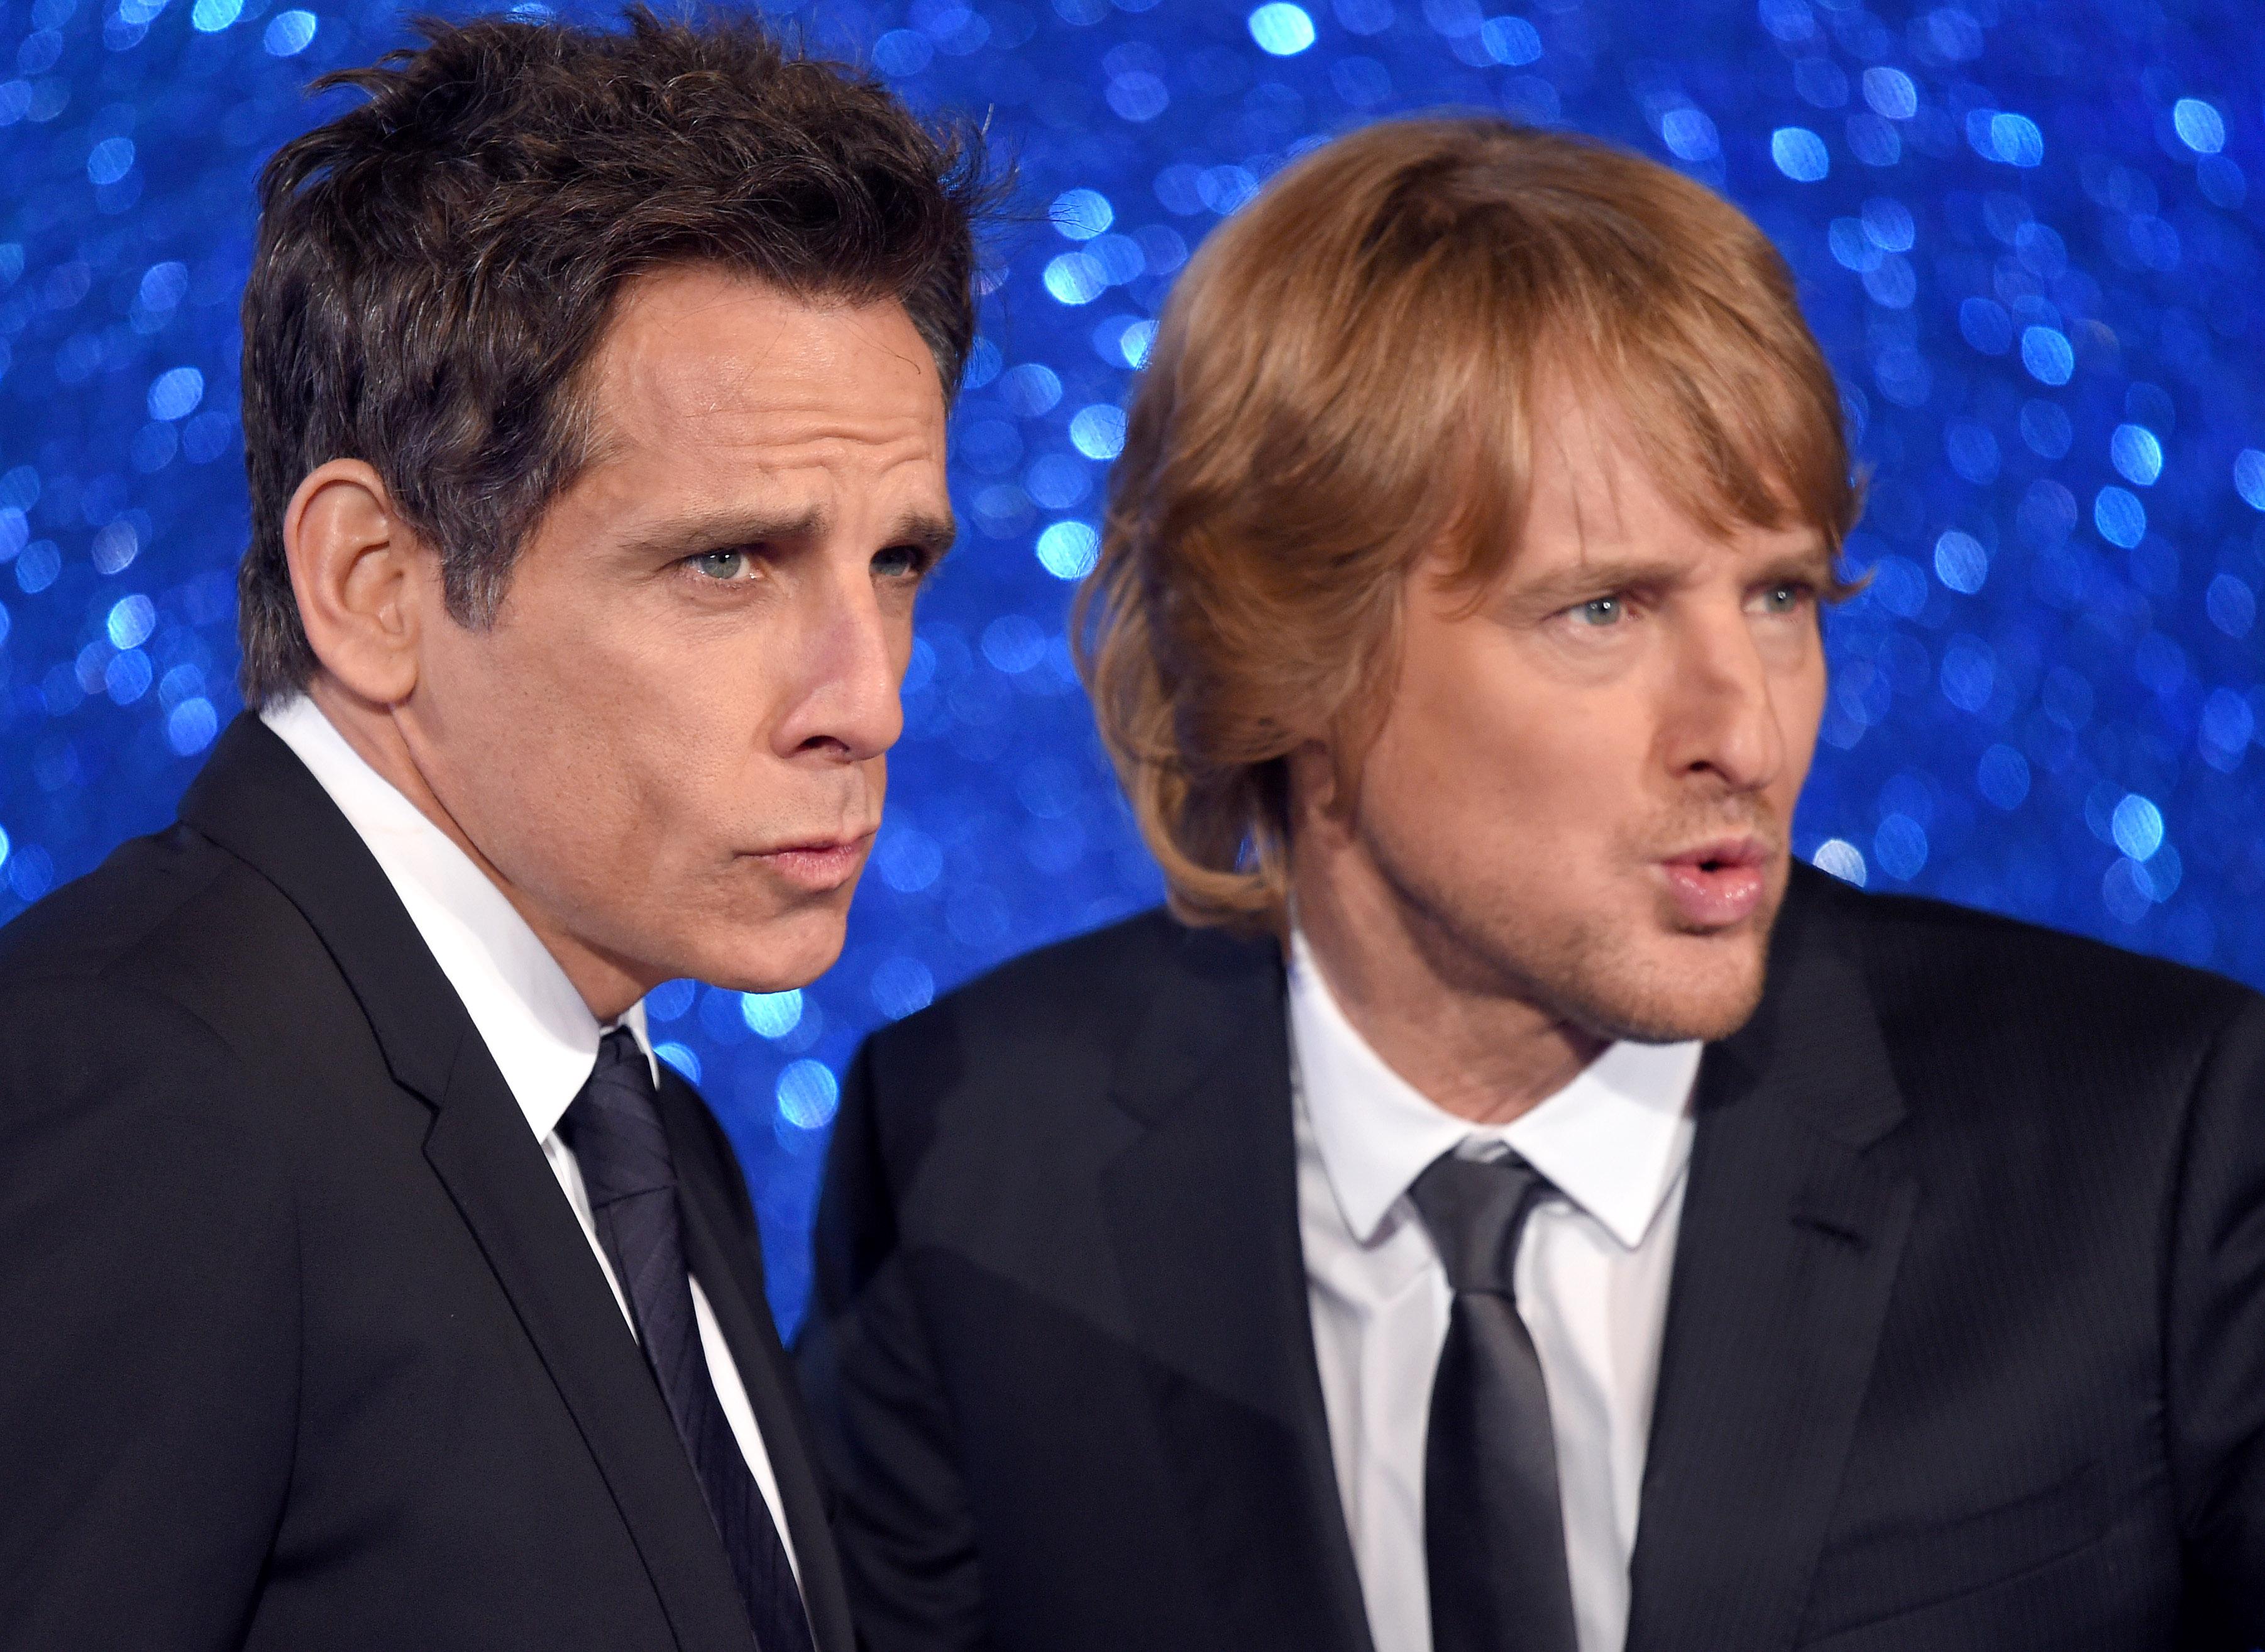 Ben Stiller wants to see Derek Zoolander and Hansel in the Ab Fab movie